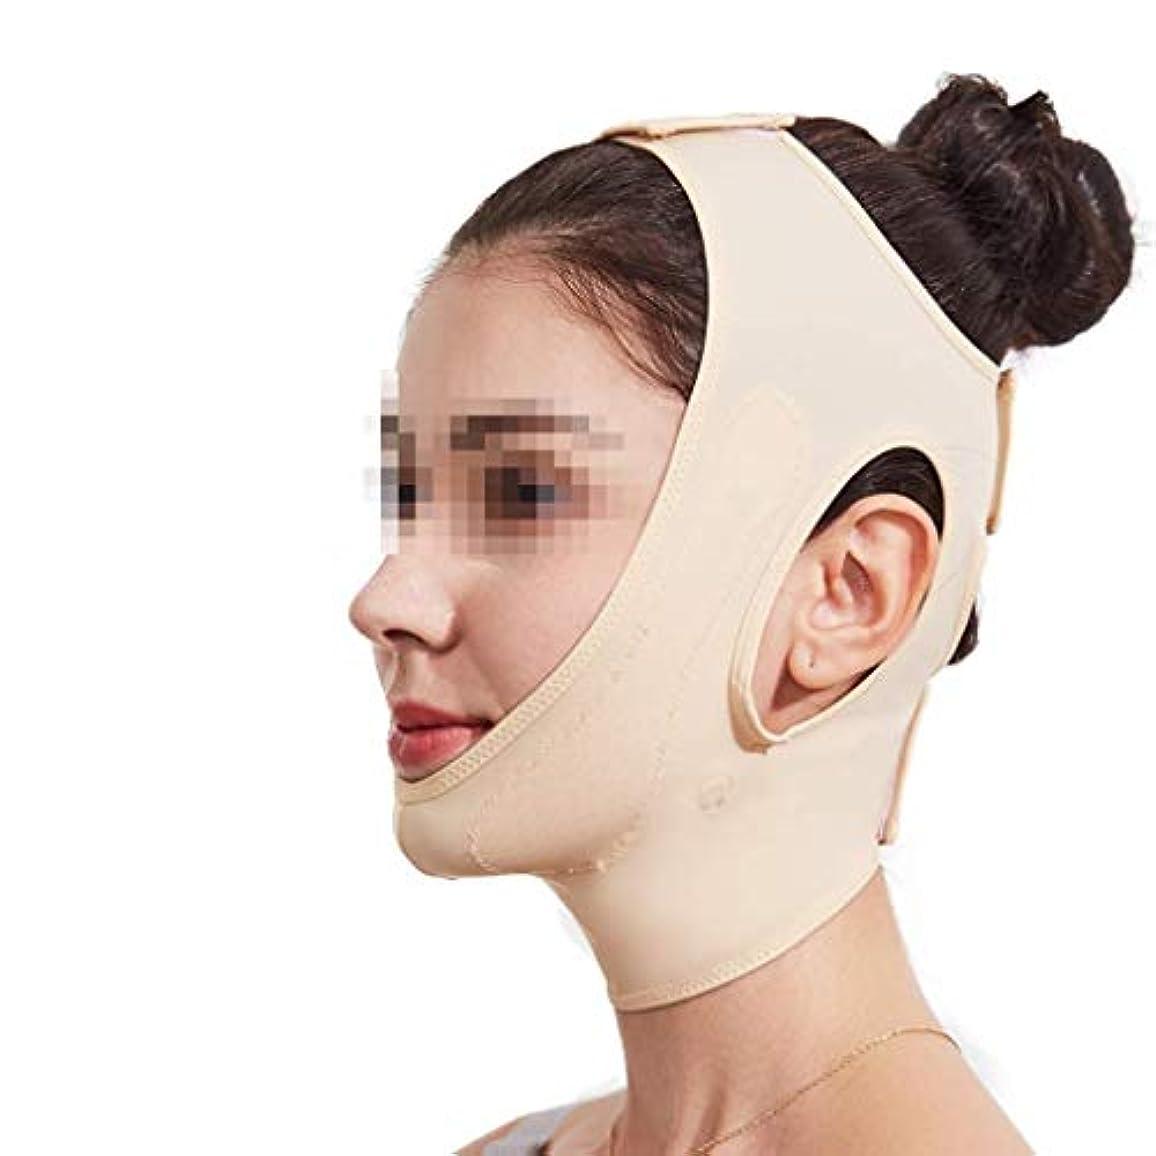 肺バンド定規フェイスリフティングバンデージ、フェイスマスクフェイスリフトチン快適な顔マルチカラーオプション(色:肌のトーン)